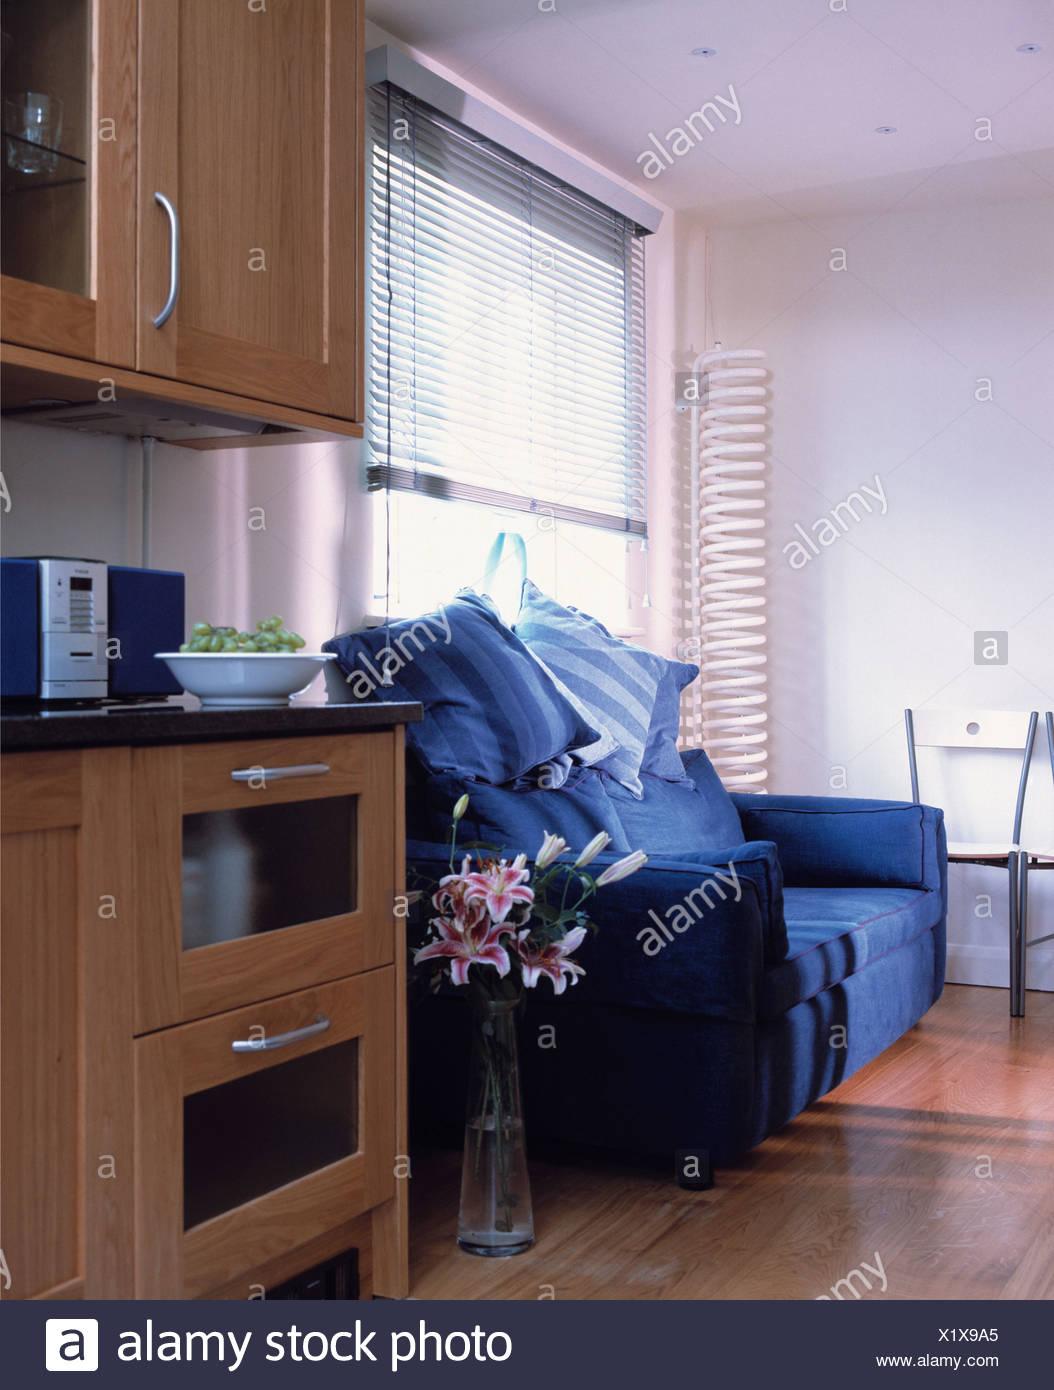 Blu brillante divano sotto la finestra con tenda a veneziana in ...